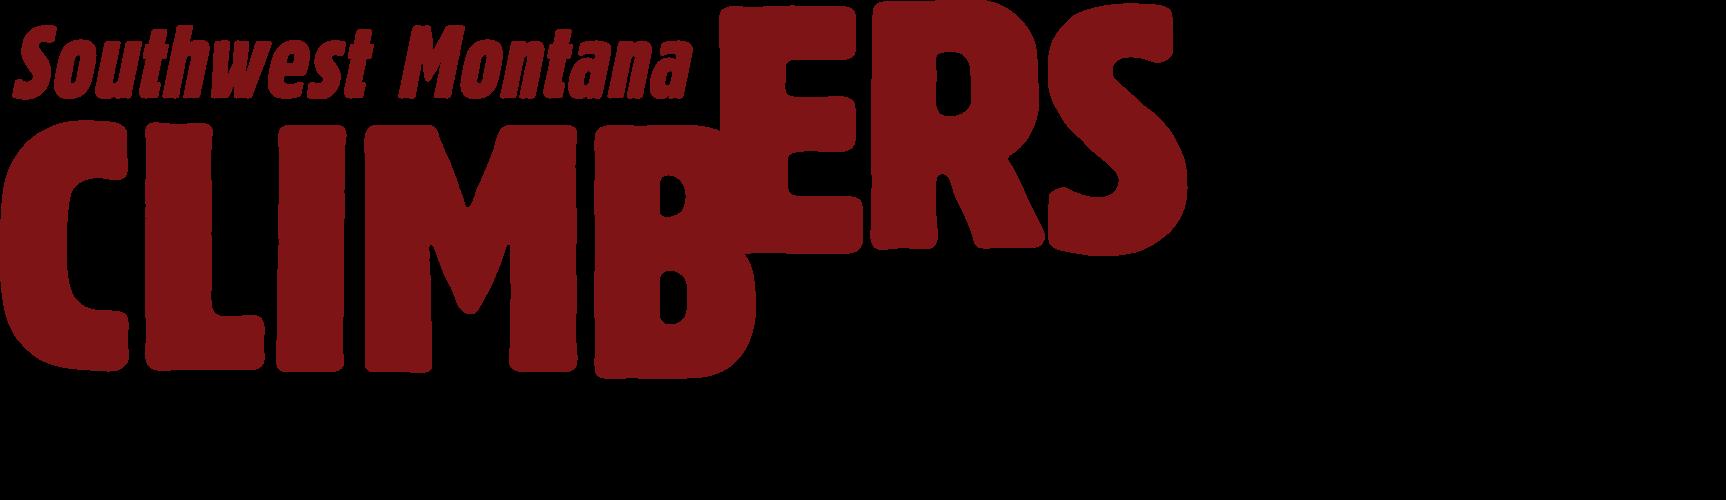 Southwest Montana Climbers Coalition